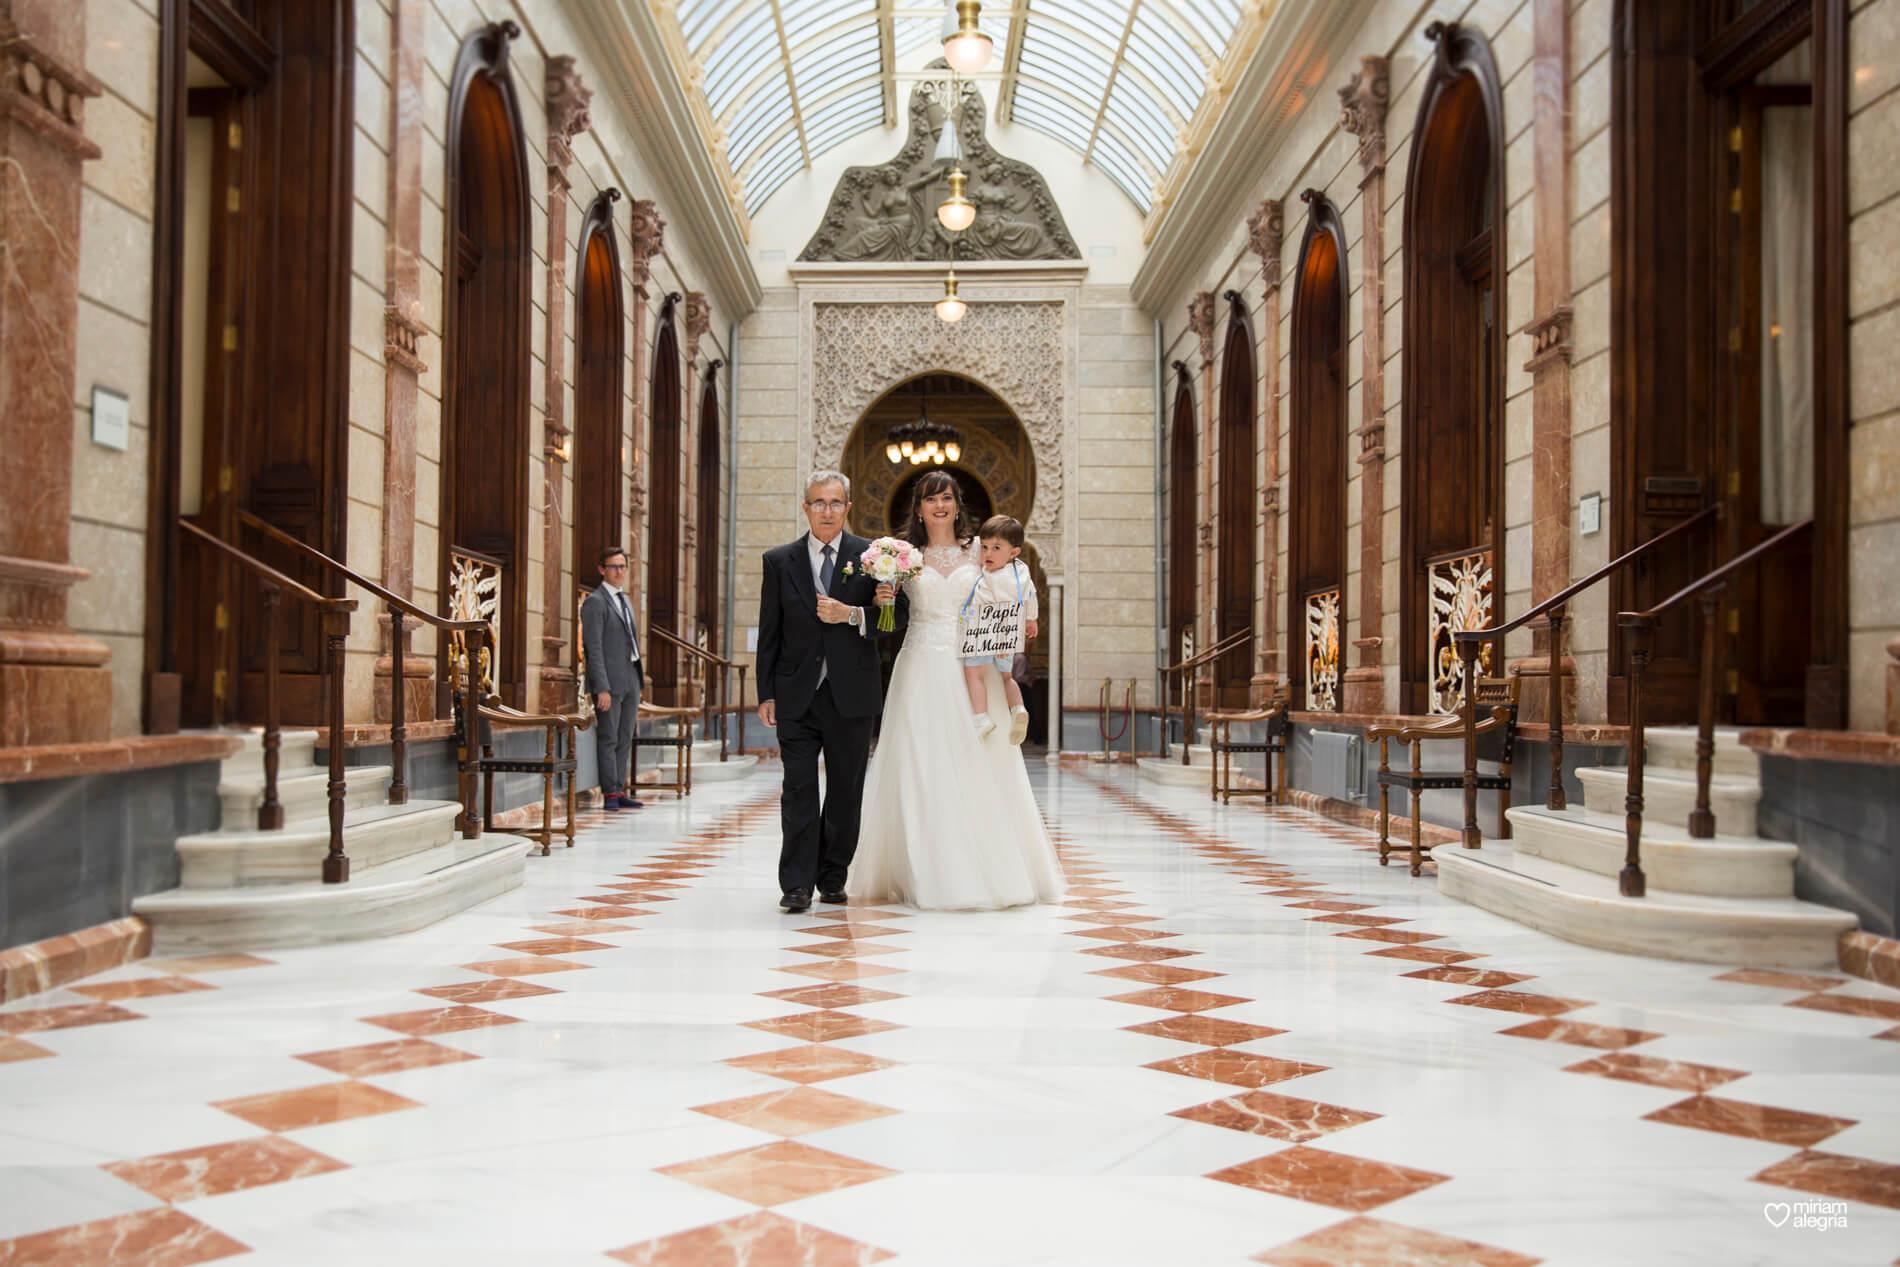 boda-civil-en-el-casino-de-murcia-miriam-alegria-fotografos-de-boda-23